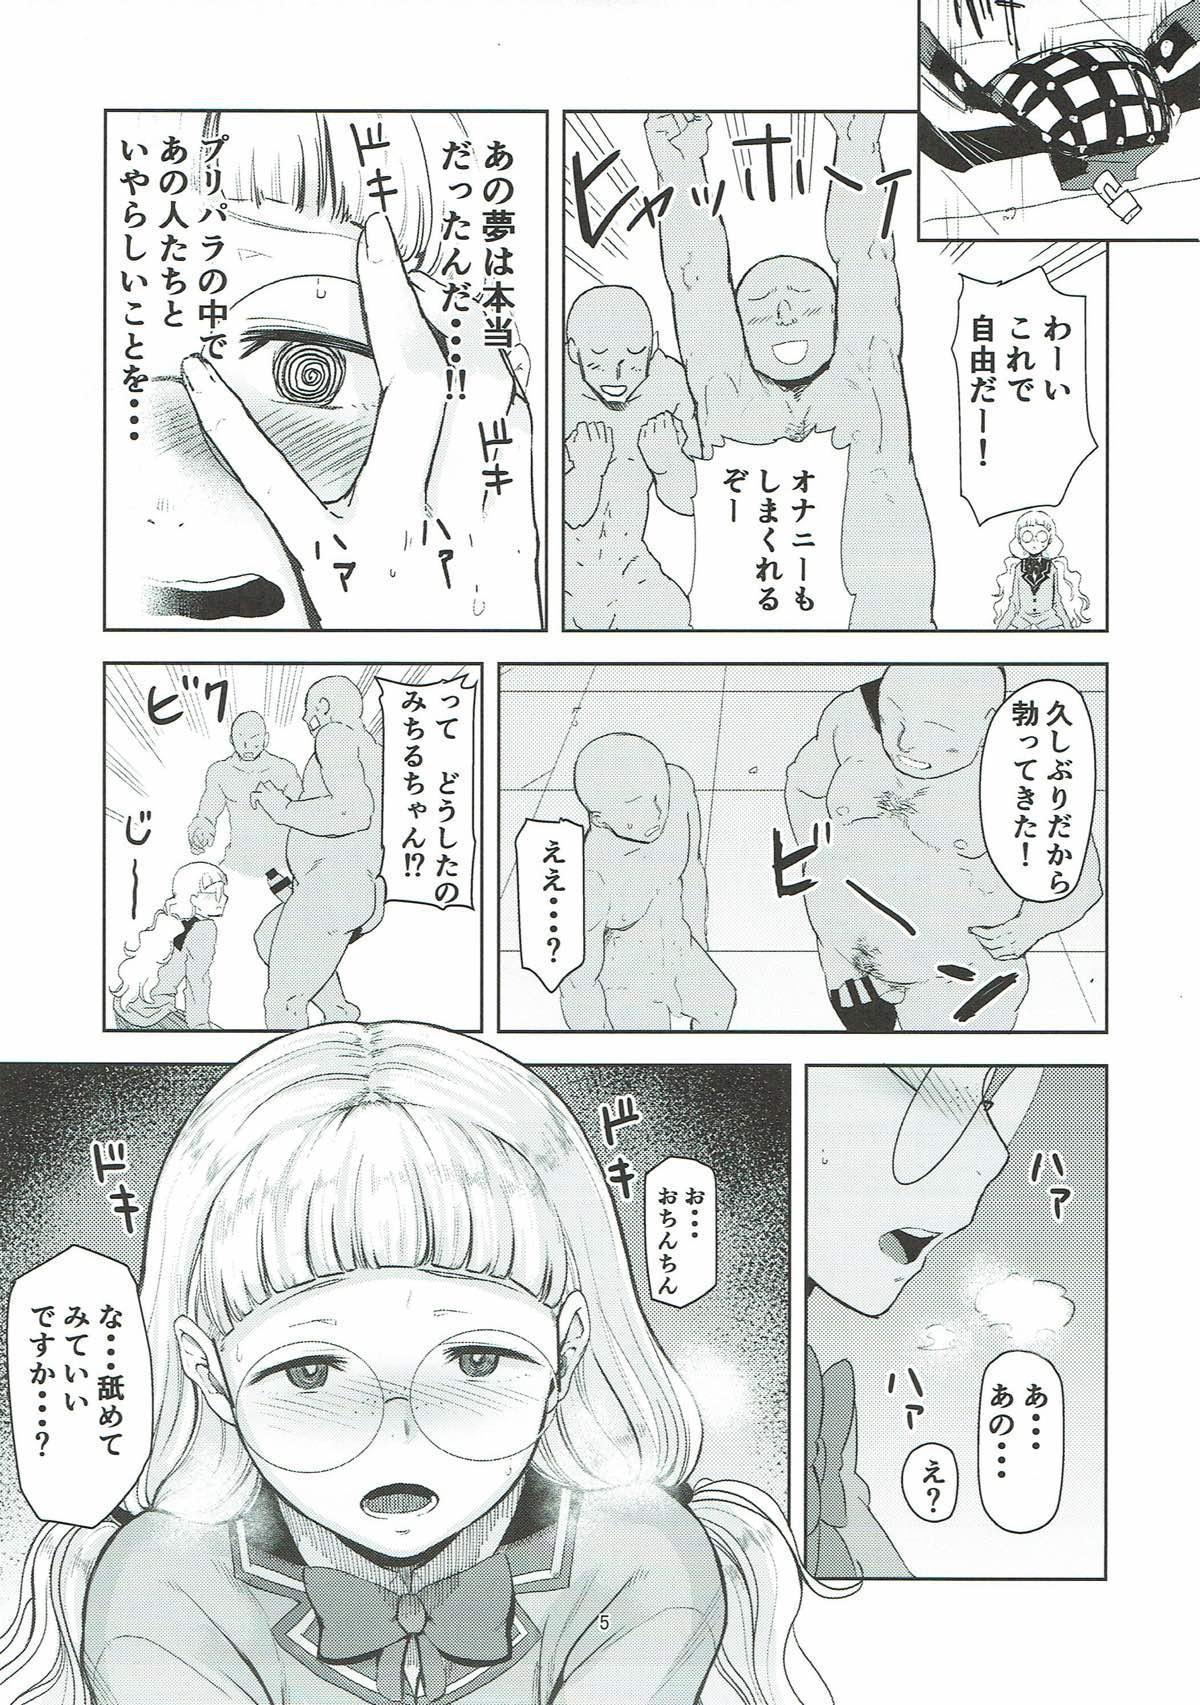 Dare ni mo Misenai Watashi 3